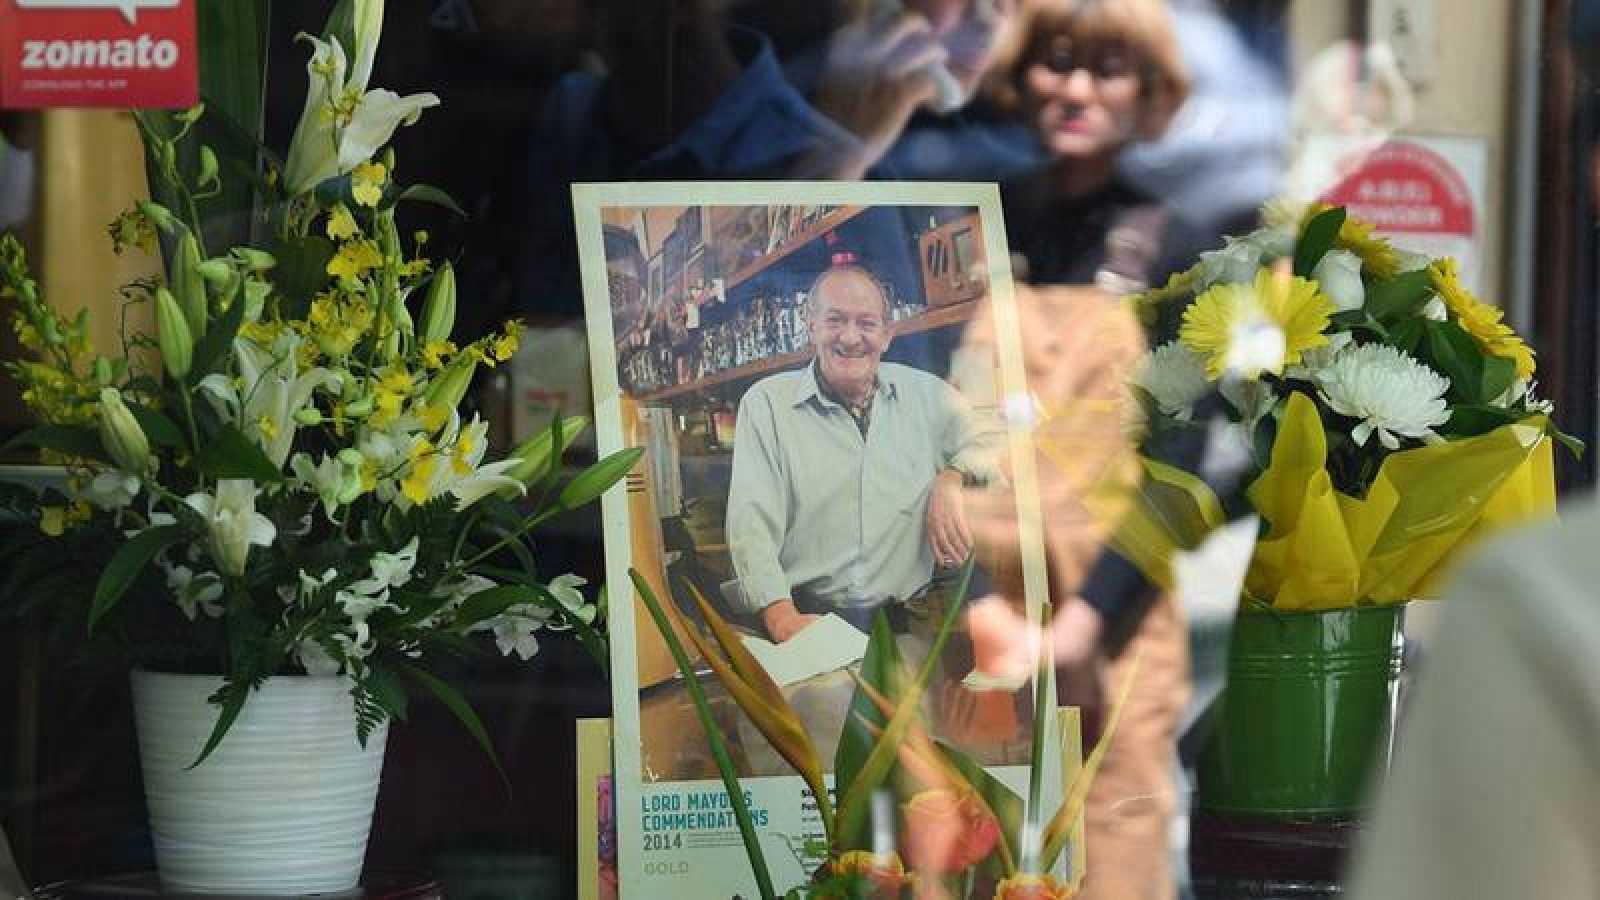 Flores y trubutos anónimos fuera del bar propiedad de Sisto Malaspina, víctima del ataque terrorista, en Melbourne